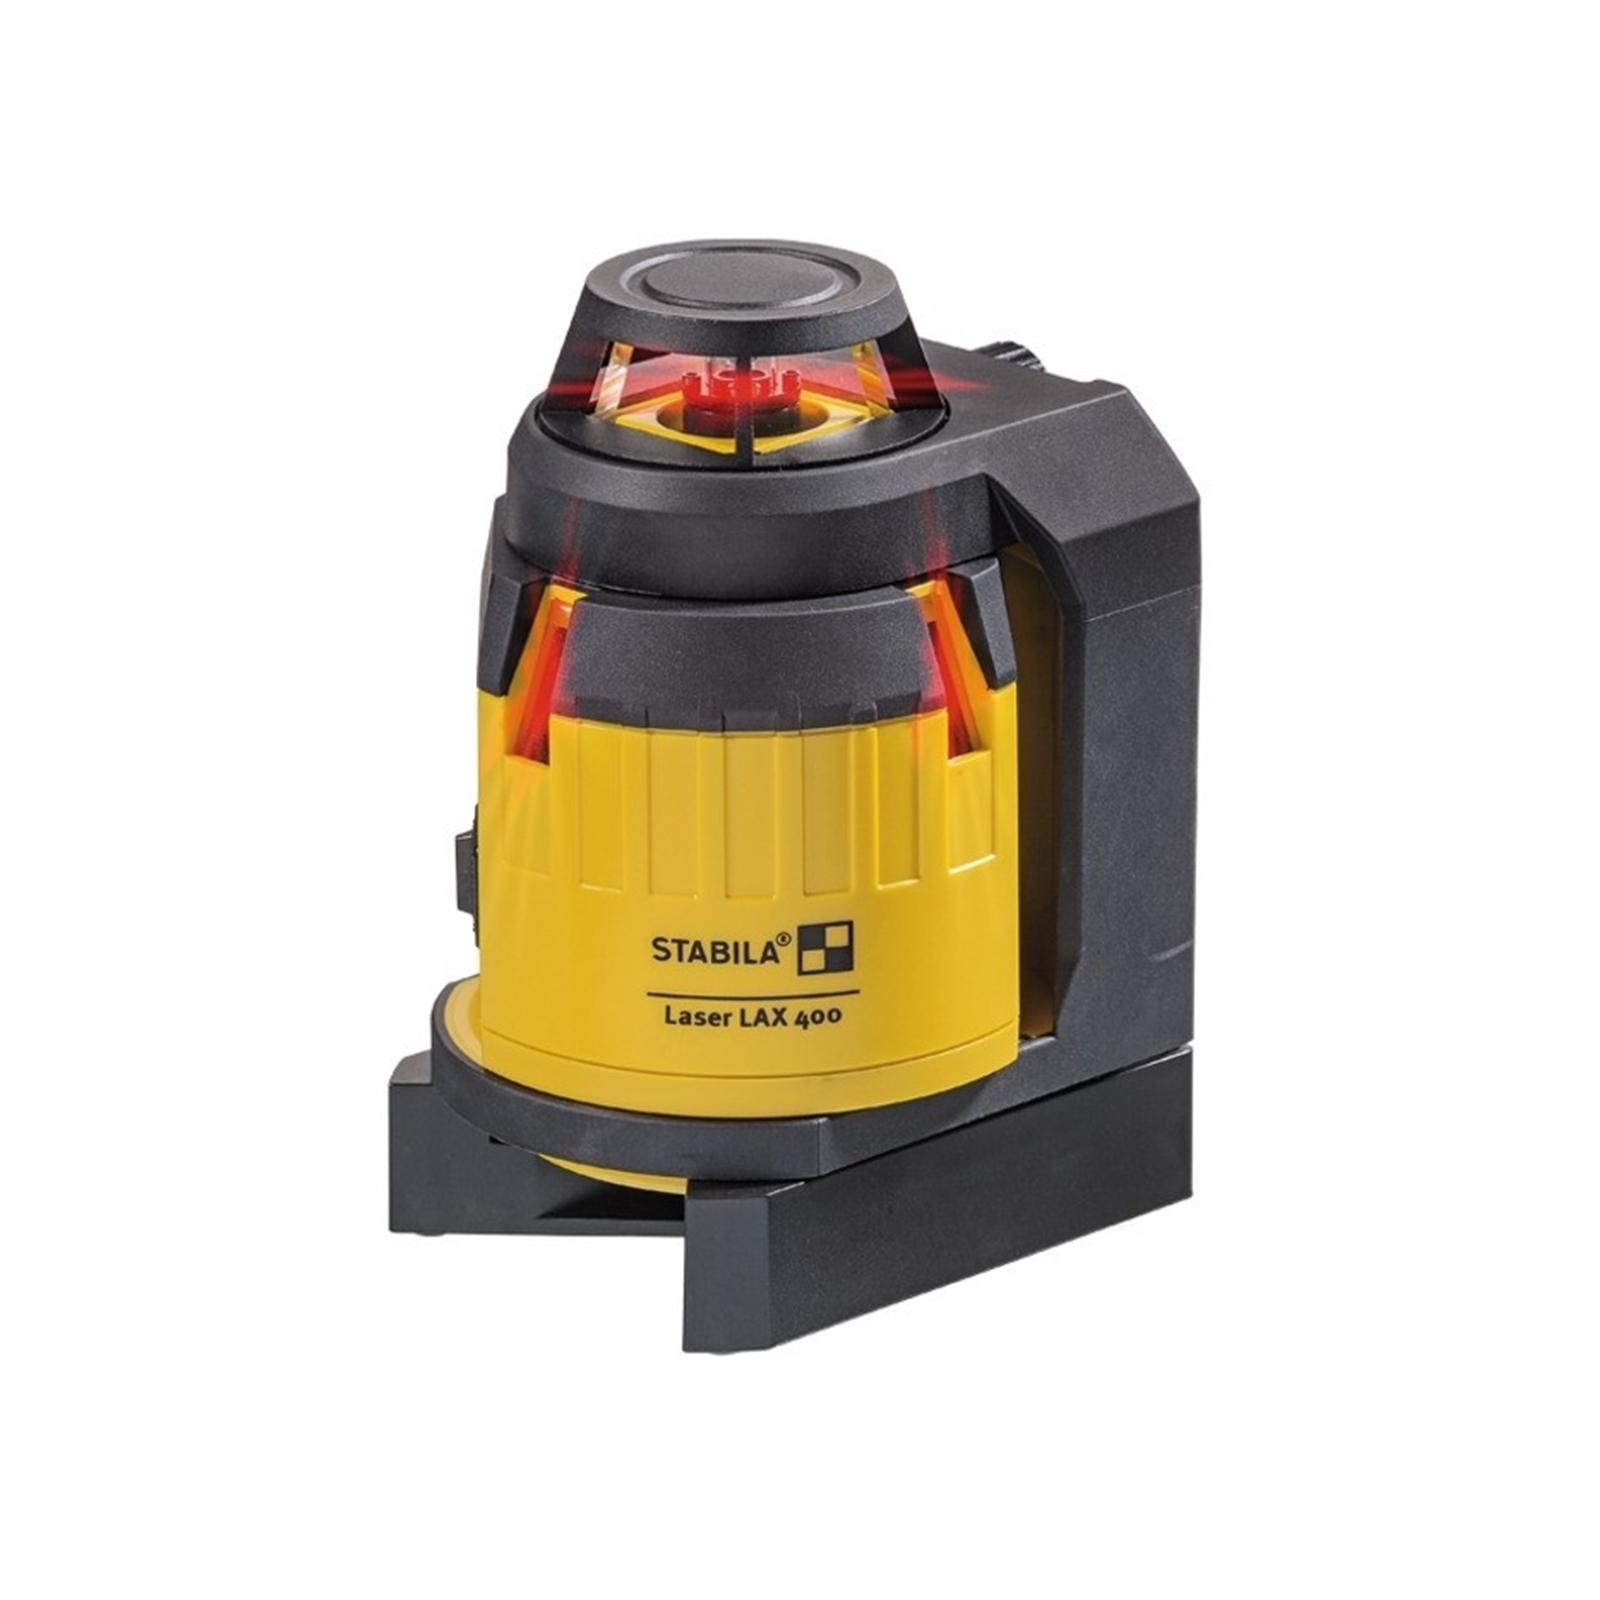 Stabila 5 Piece Lax400 Multiline Laser Measure